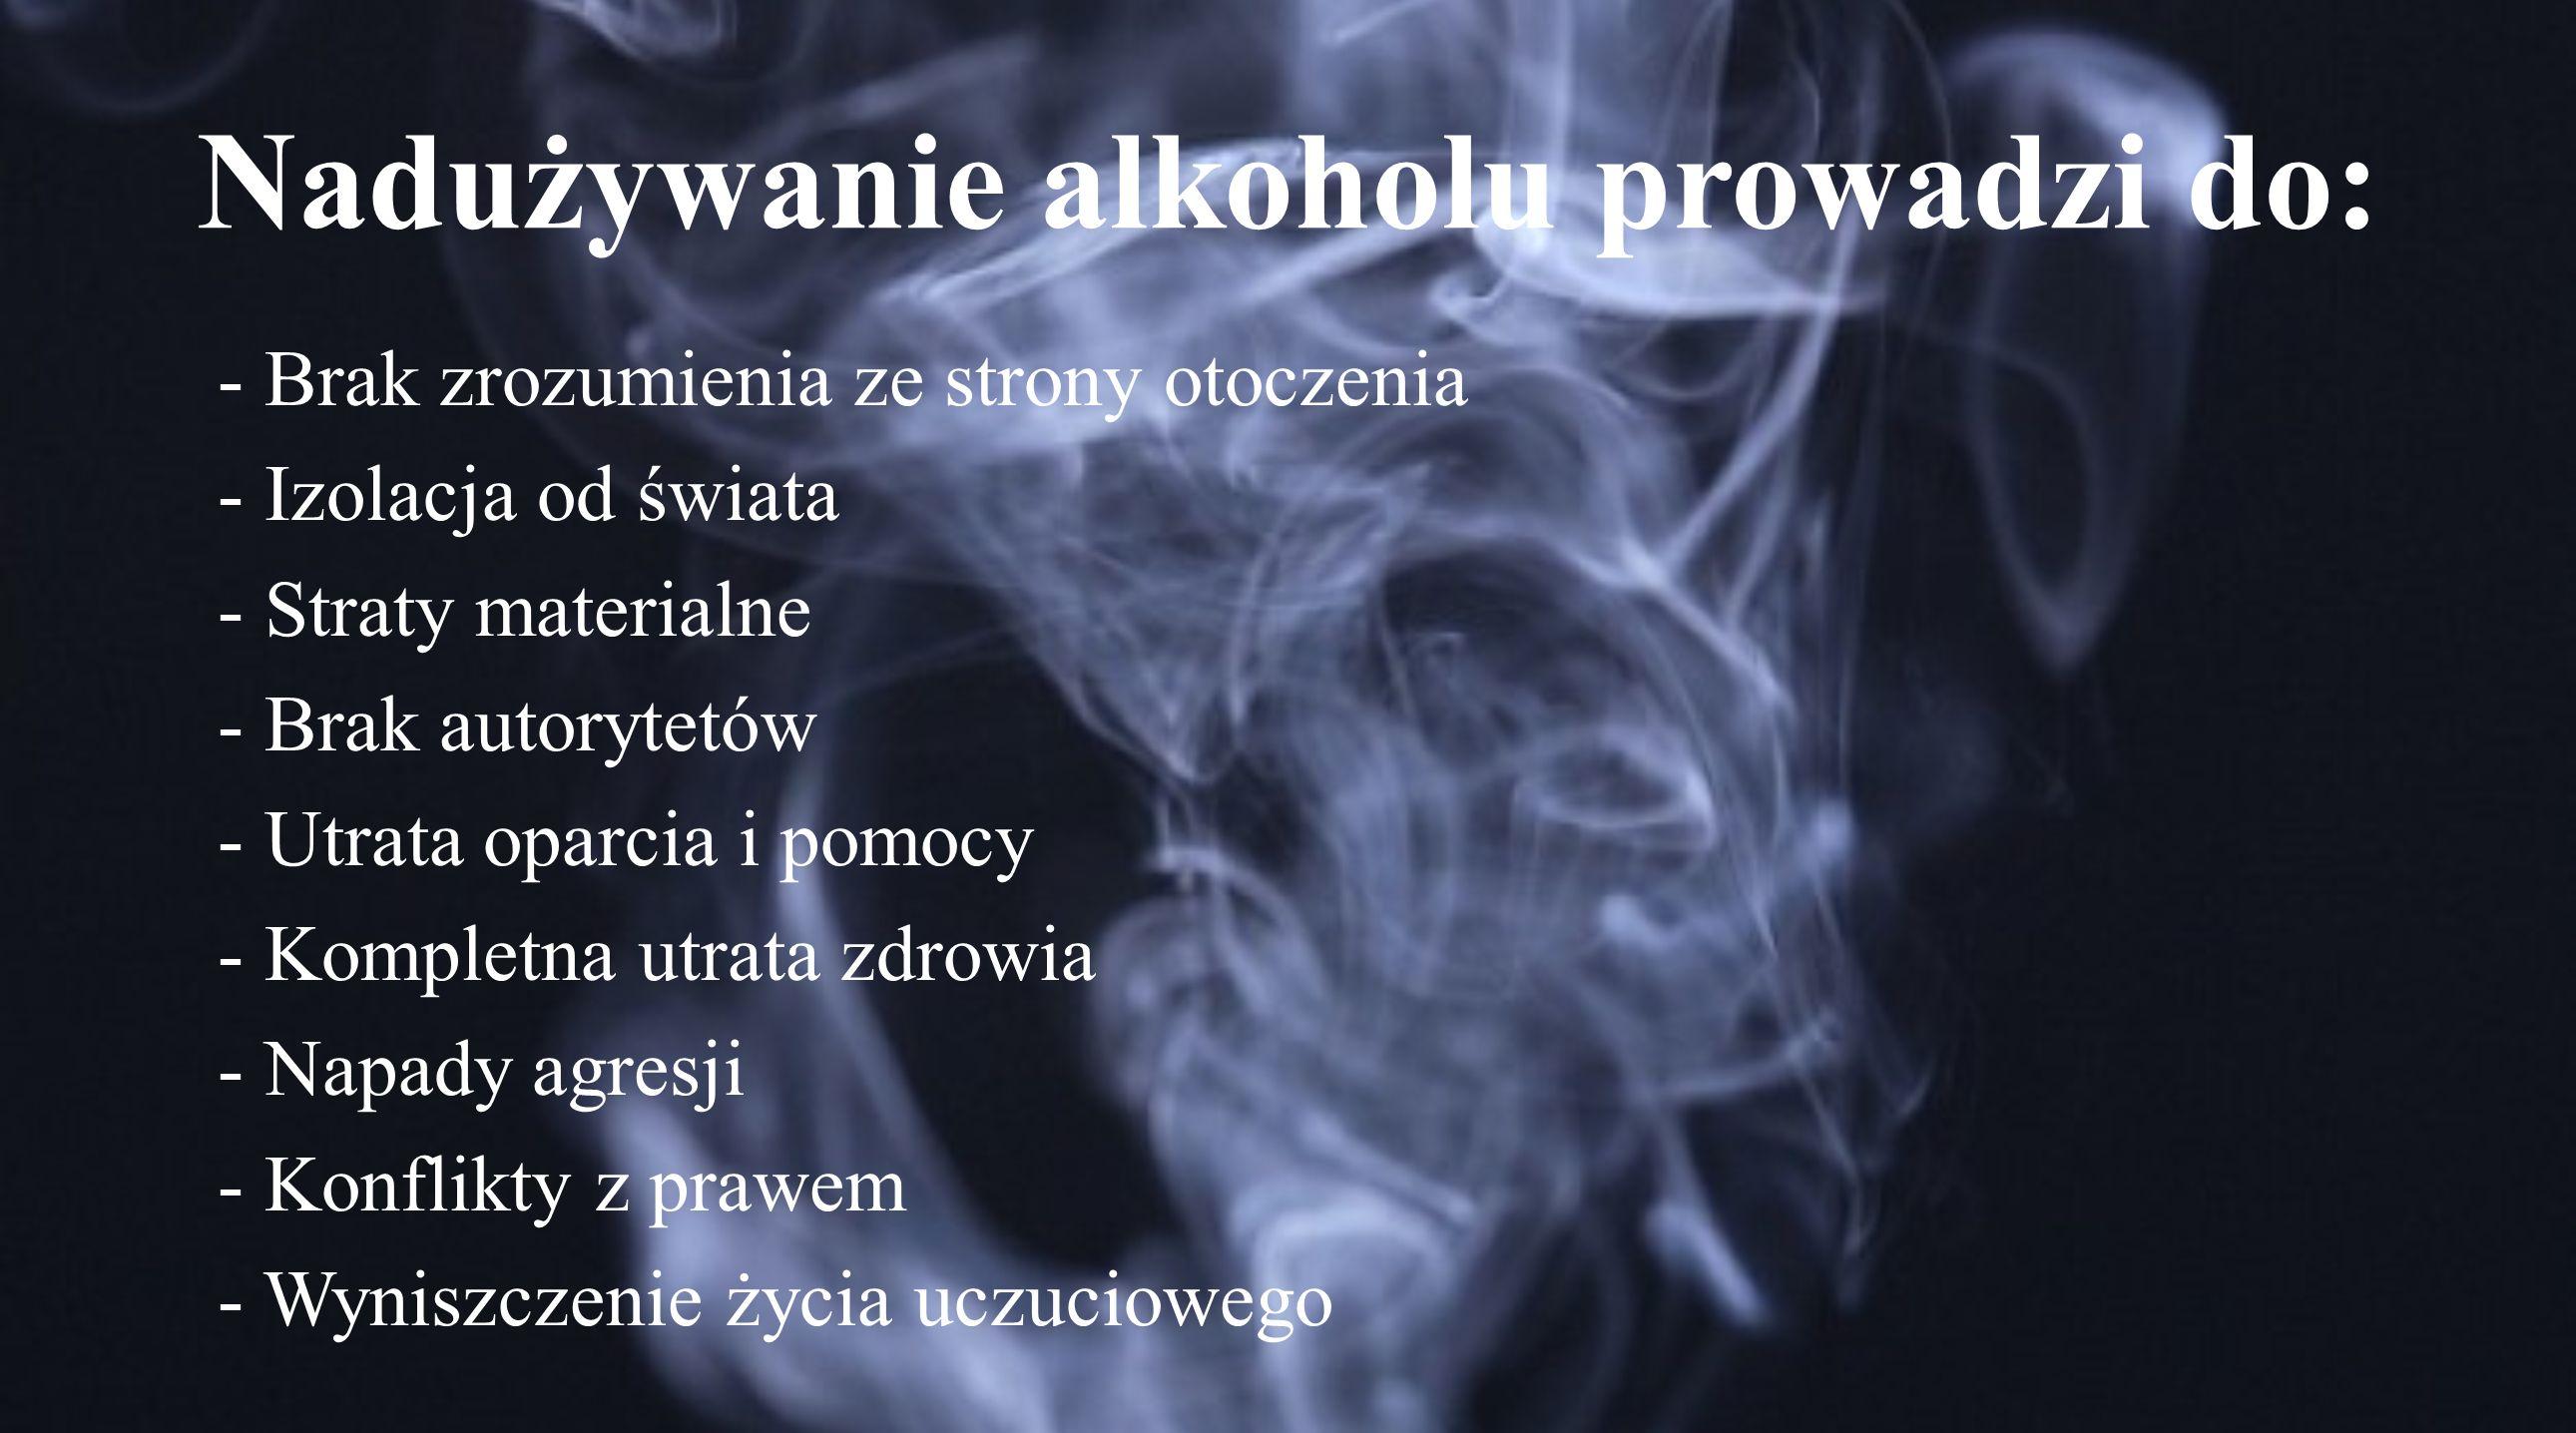 Żródła: http://www.szkolnictwo.pl/index.php?id=PU5282 http://swiatwiedzy.interia.pl/news/jak-narkotyki-niszcza- cialo-i-umysl,id,3,wyd,30 http://swiatwiedzy.interia.pl/news/jak-narkotyki-niszcza- cialo-i-umysl,id,3,wyd,30 http://www.wiecjestem.us.edu.pl/dopalacze-wypalacze- umyslu http://www.wiecjestem.us.edu.pl/dopalacze-wypalacze- umyslu https://www.google.pl/search?q=narkotyki+gif&newwindo w=1&source=lnms&tbm=isch&sa=X&ved=0ahUKEwj2g_D16 vfKAhVCFCwKHYH6D1UQ_AUIBygB&biw=1366&bih=643 https://www.google.pl/search?q=narkotyki+gif&newwindo w=1&source=lnms&tbm=isch&sa=X&ved=0ahUKEwj2g_D16 vfKAhVCFCwKHYH6D1UQ_AUIBygB&biw=1366&bih=643